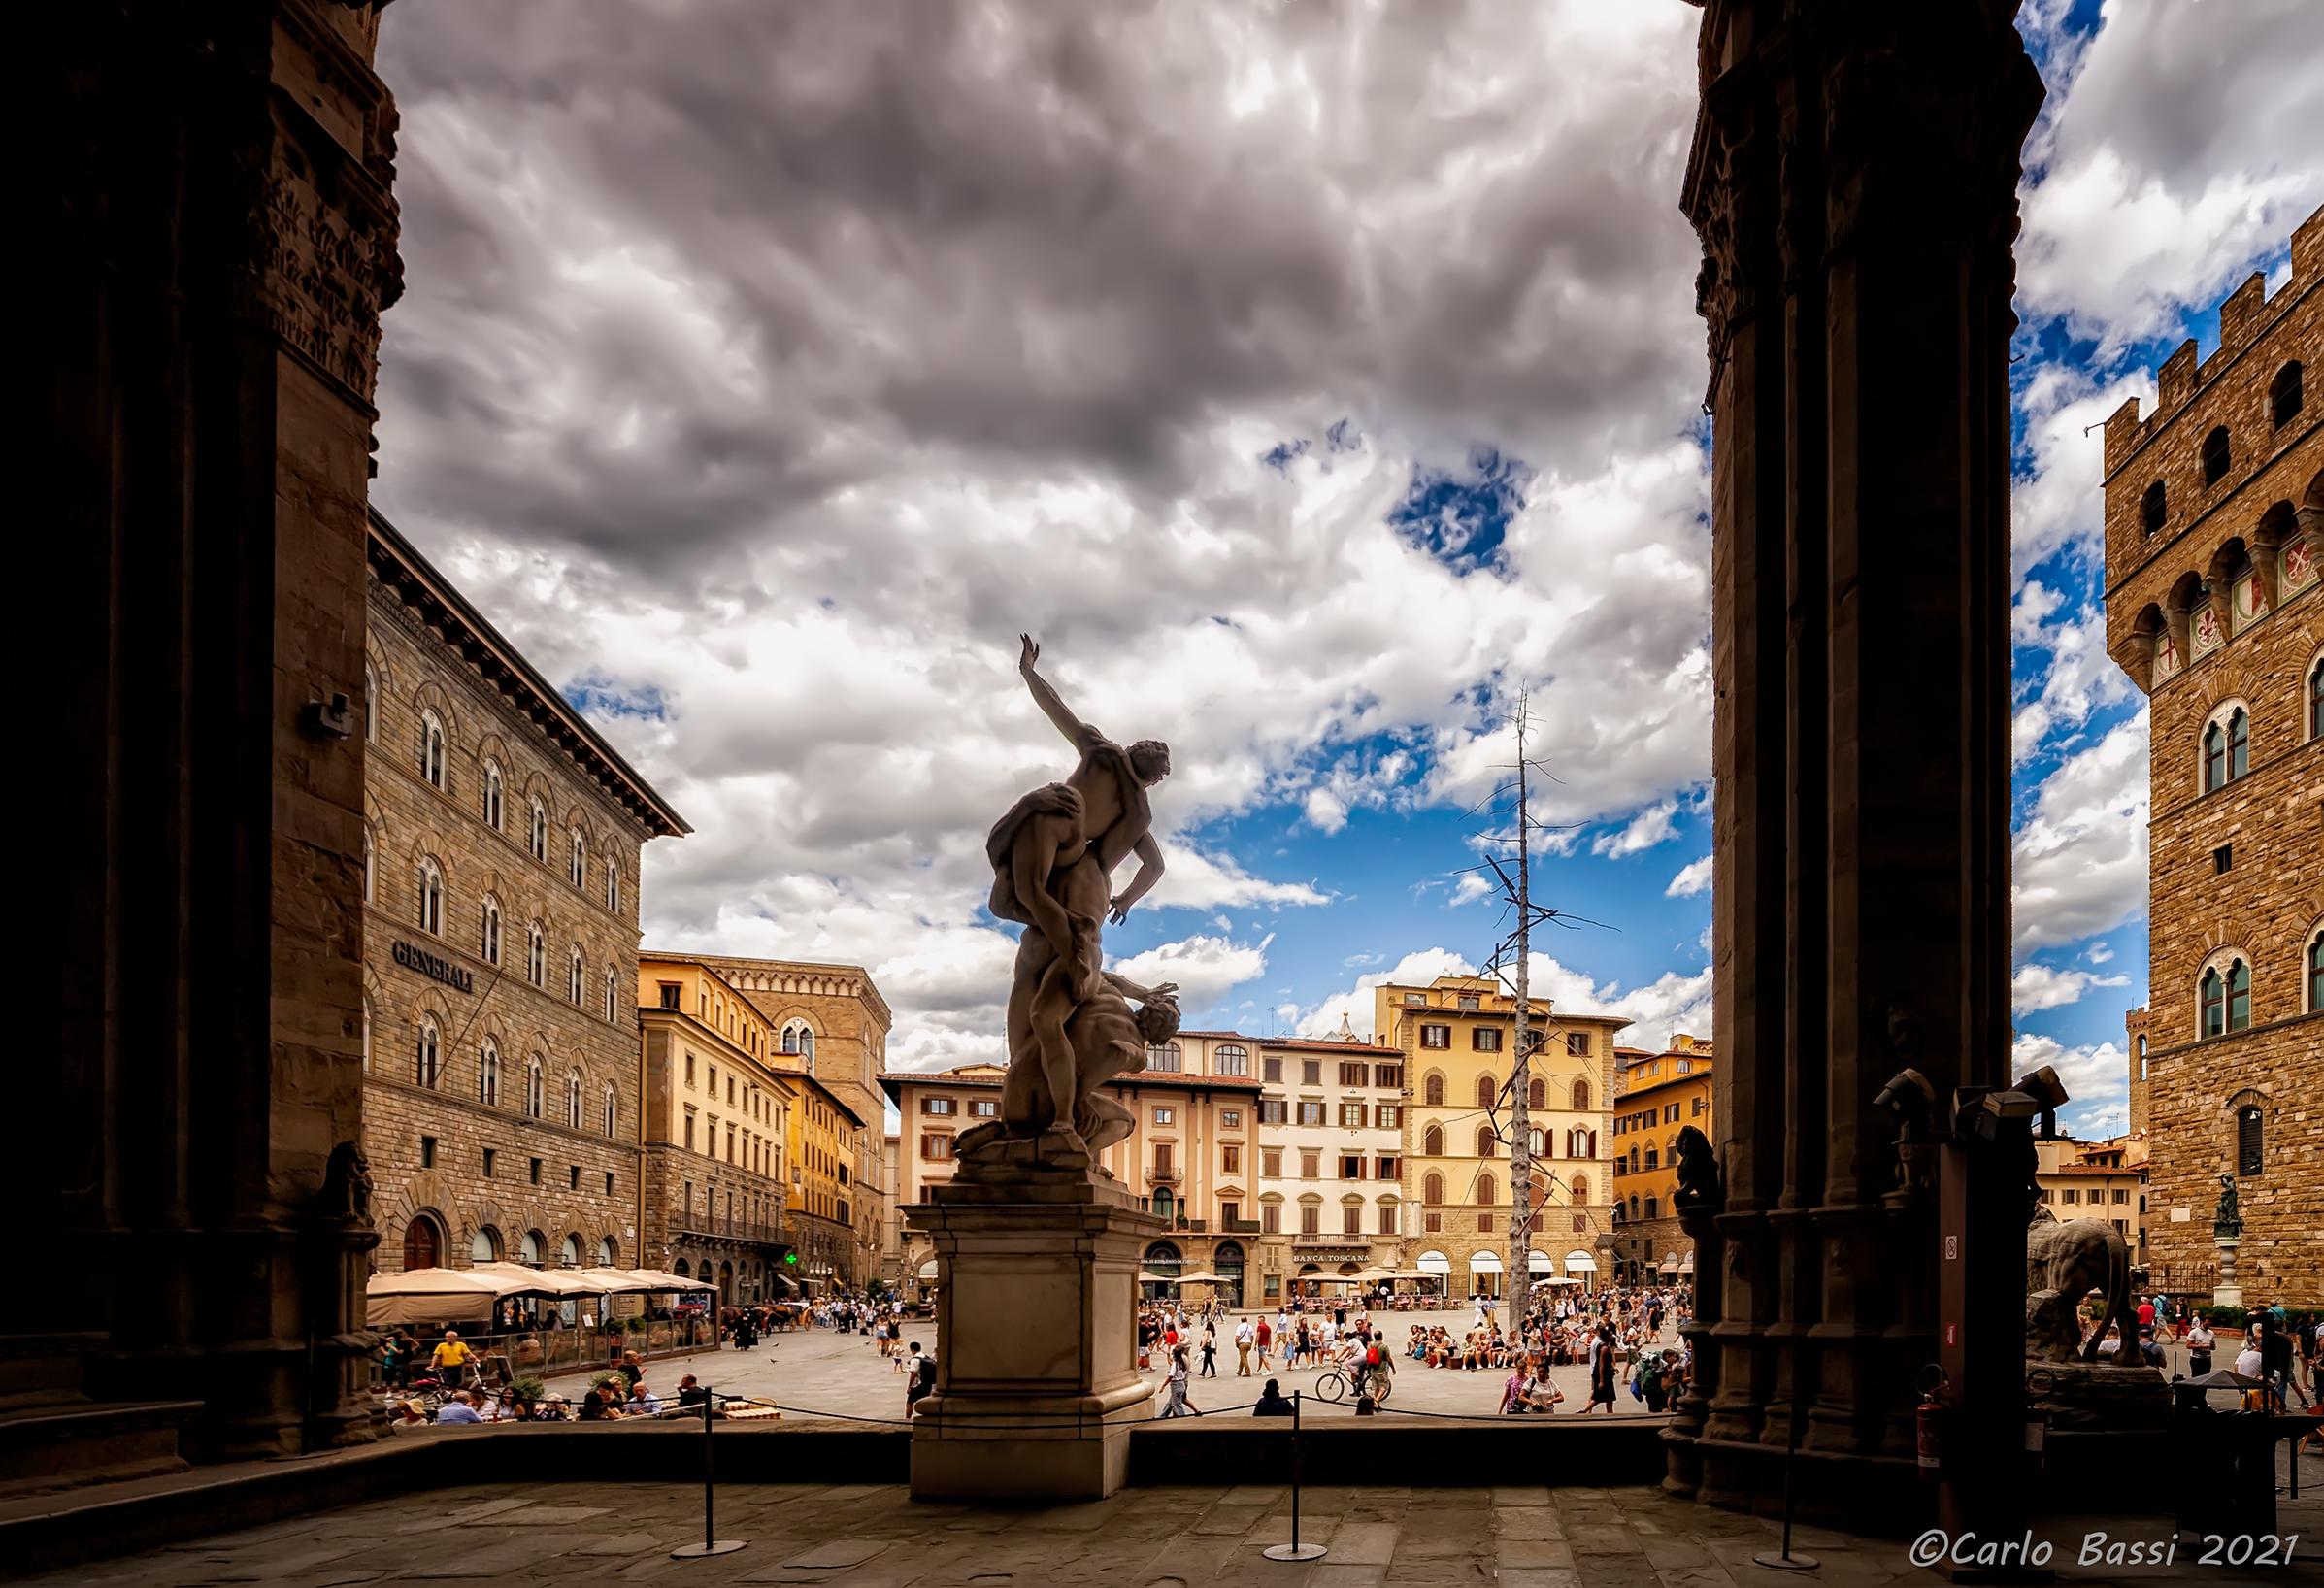 Uno scorcio di Firenze...